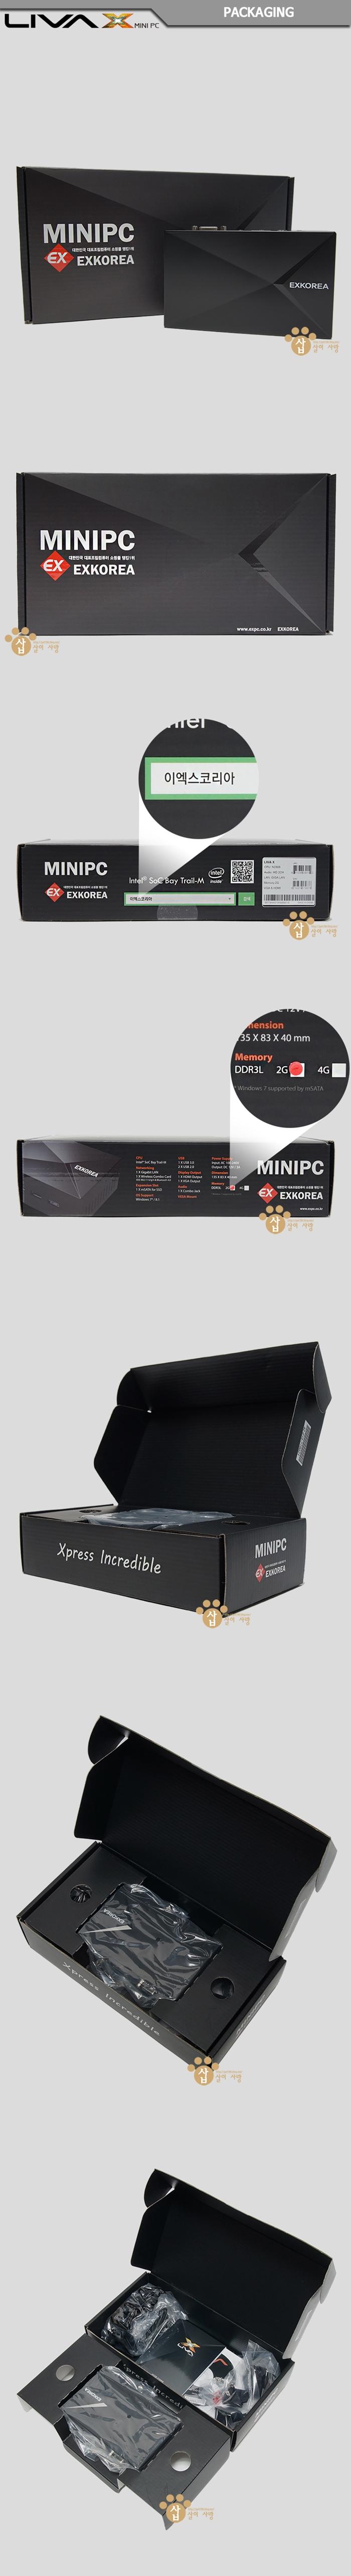 미니PC 패키지리바 X (LIVA X).jpg